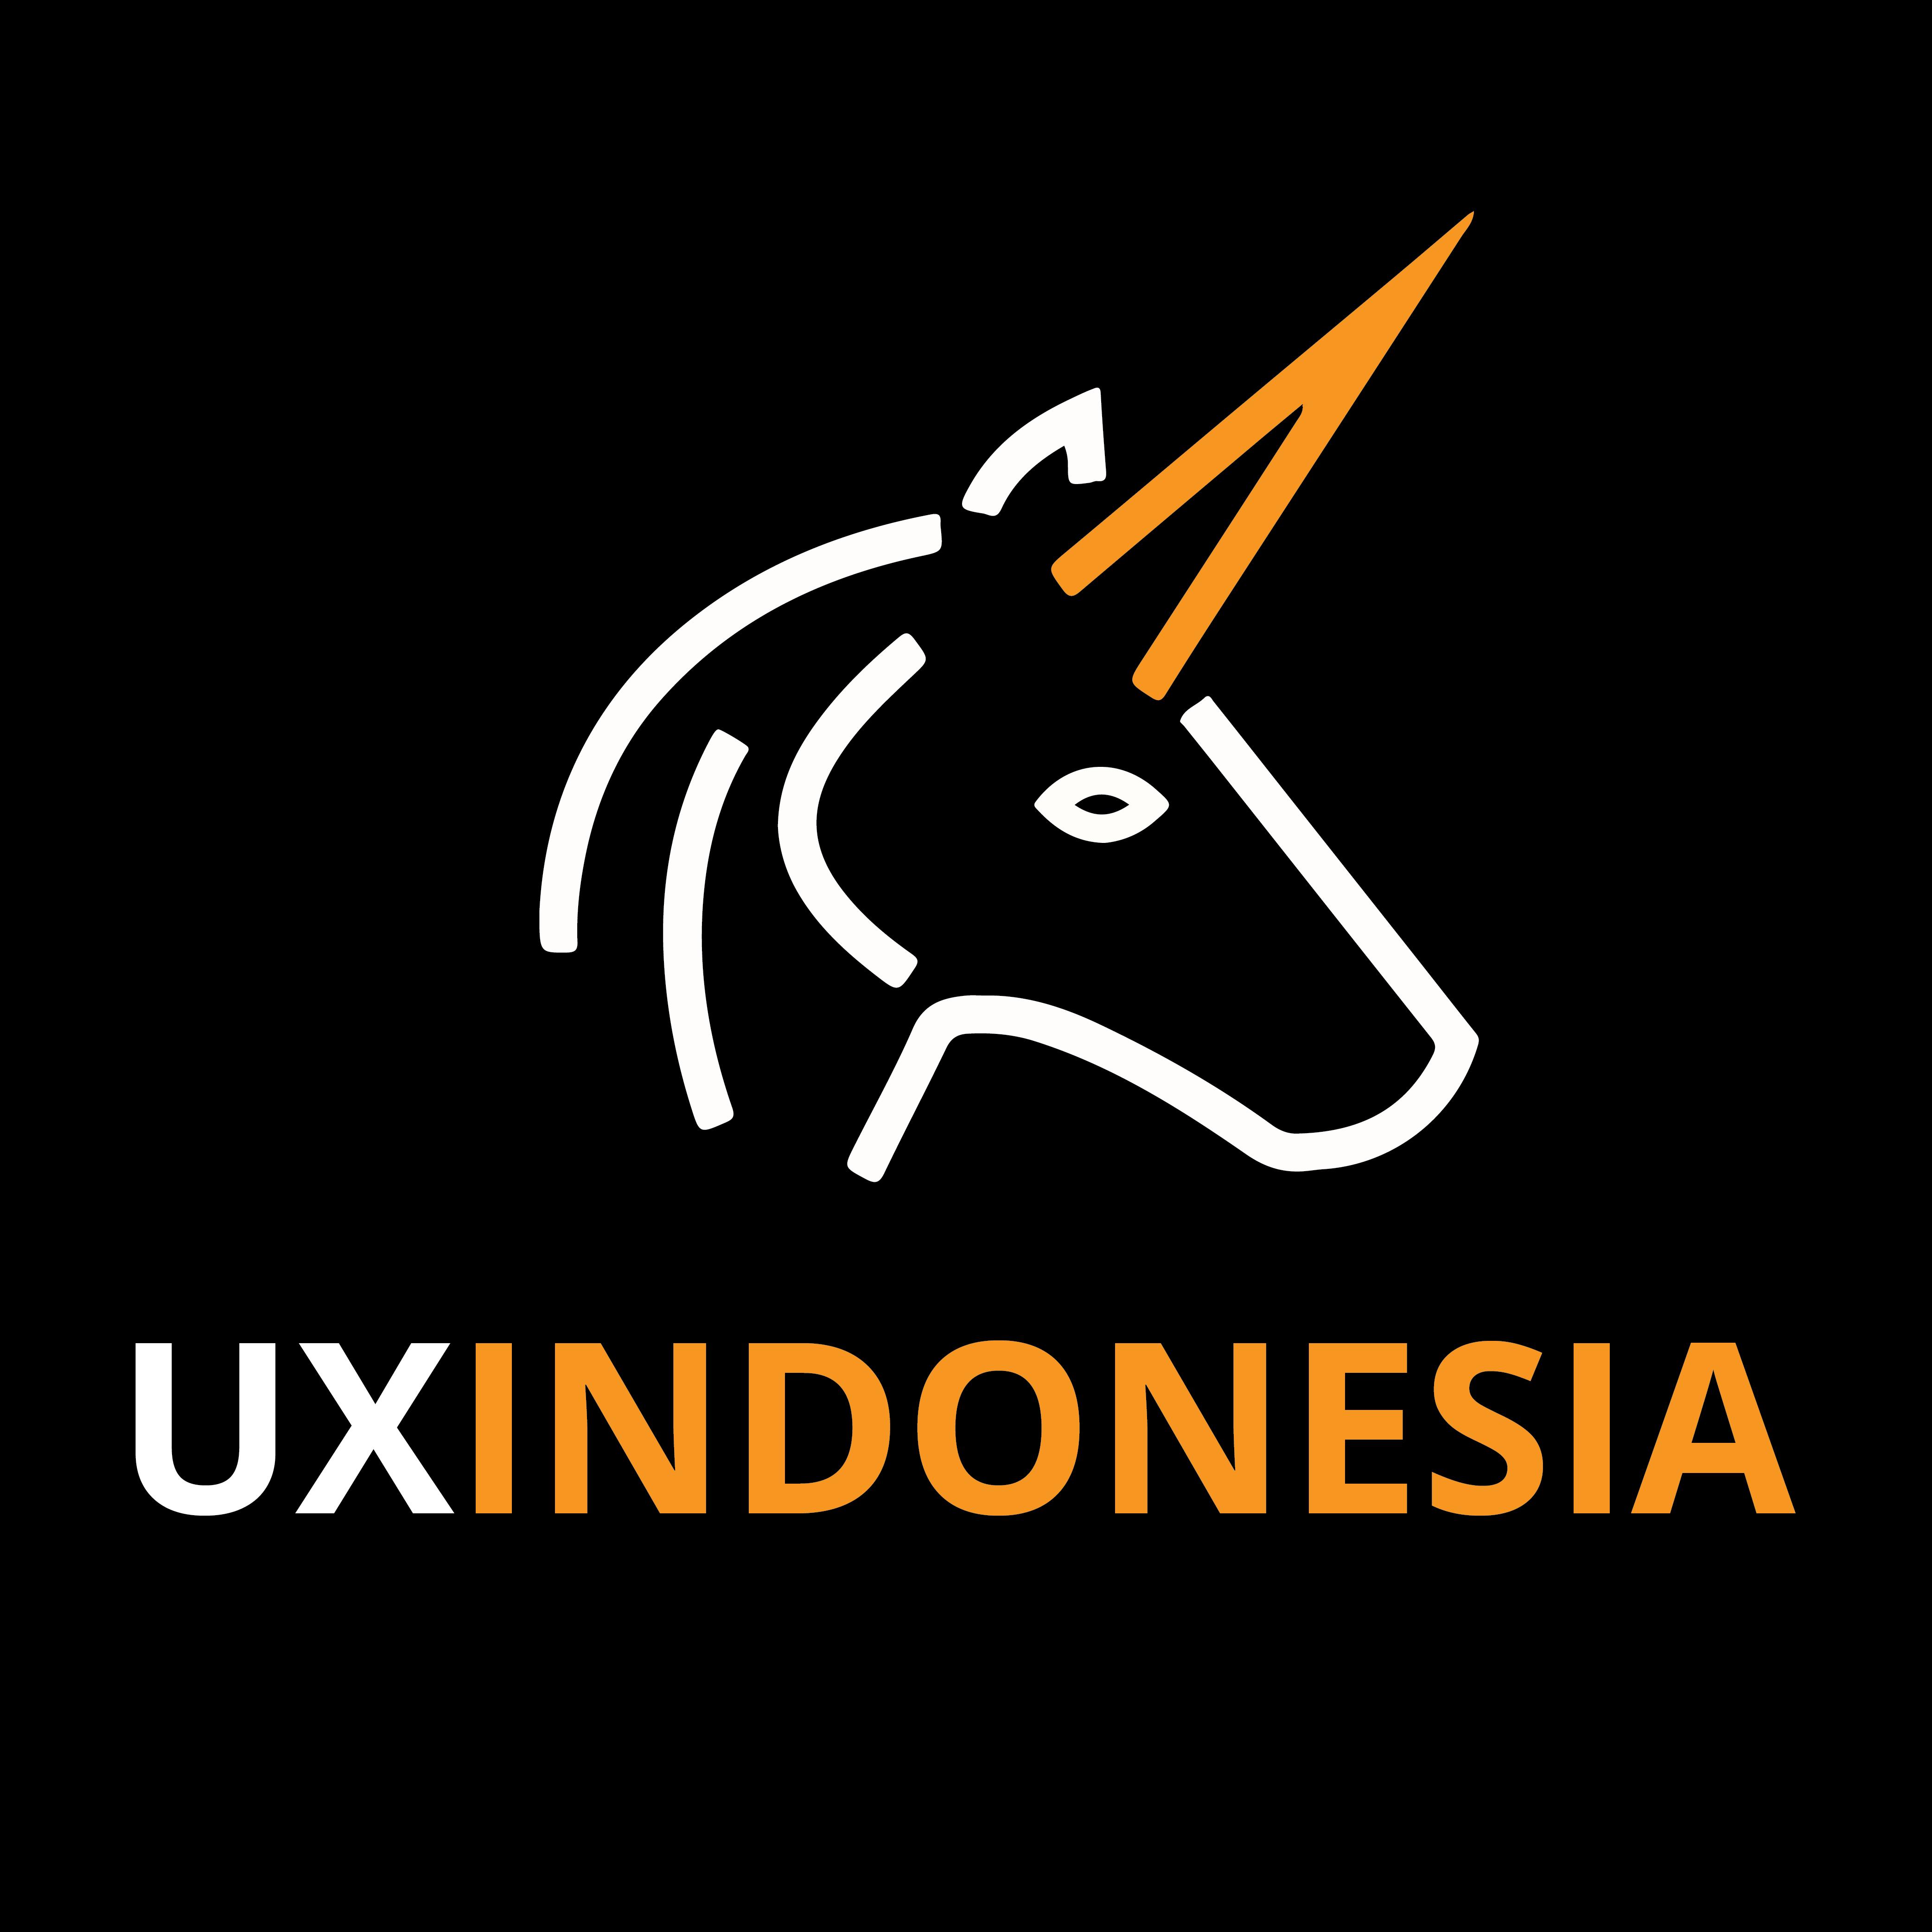 UX INDONESIA